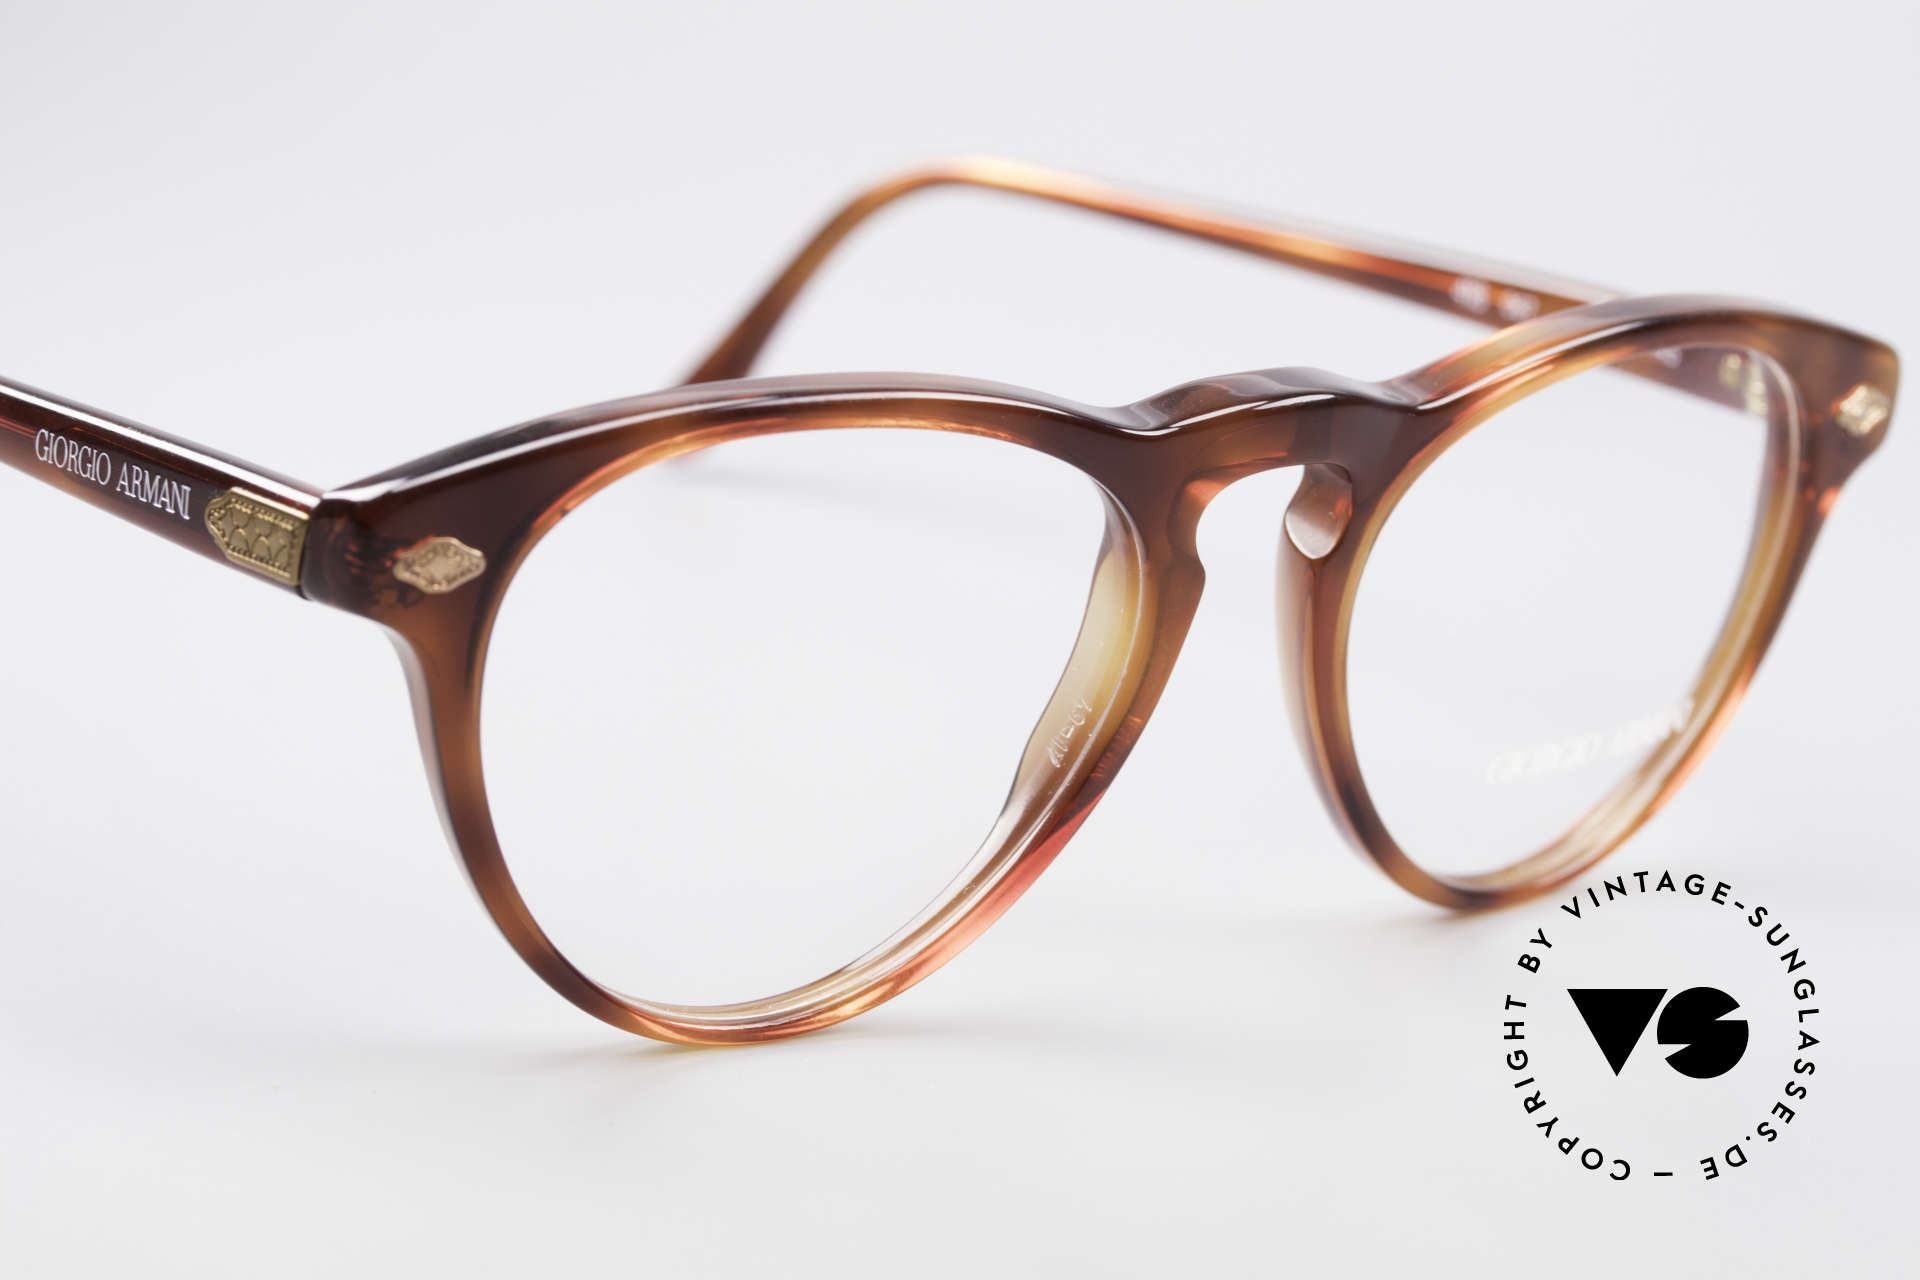 Giorgio Armani 418 ErdbeerForm Vintage Brille, ungetragen (wie all unsere Armani Design-Klassiker), Passend für Herren und Damen